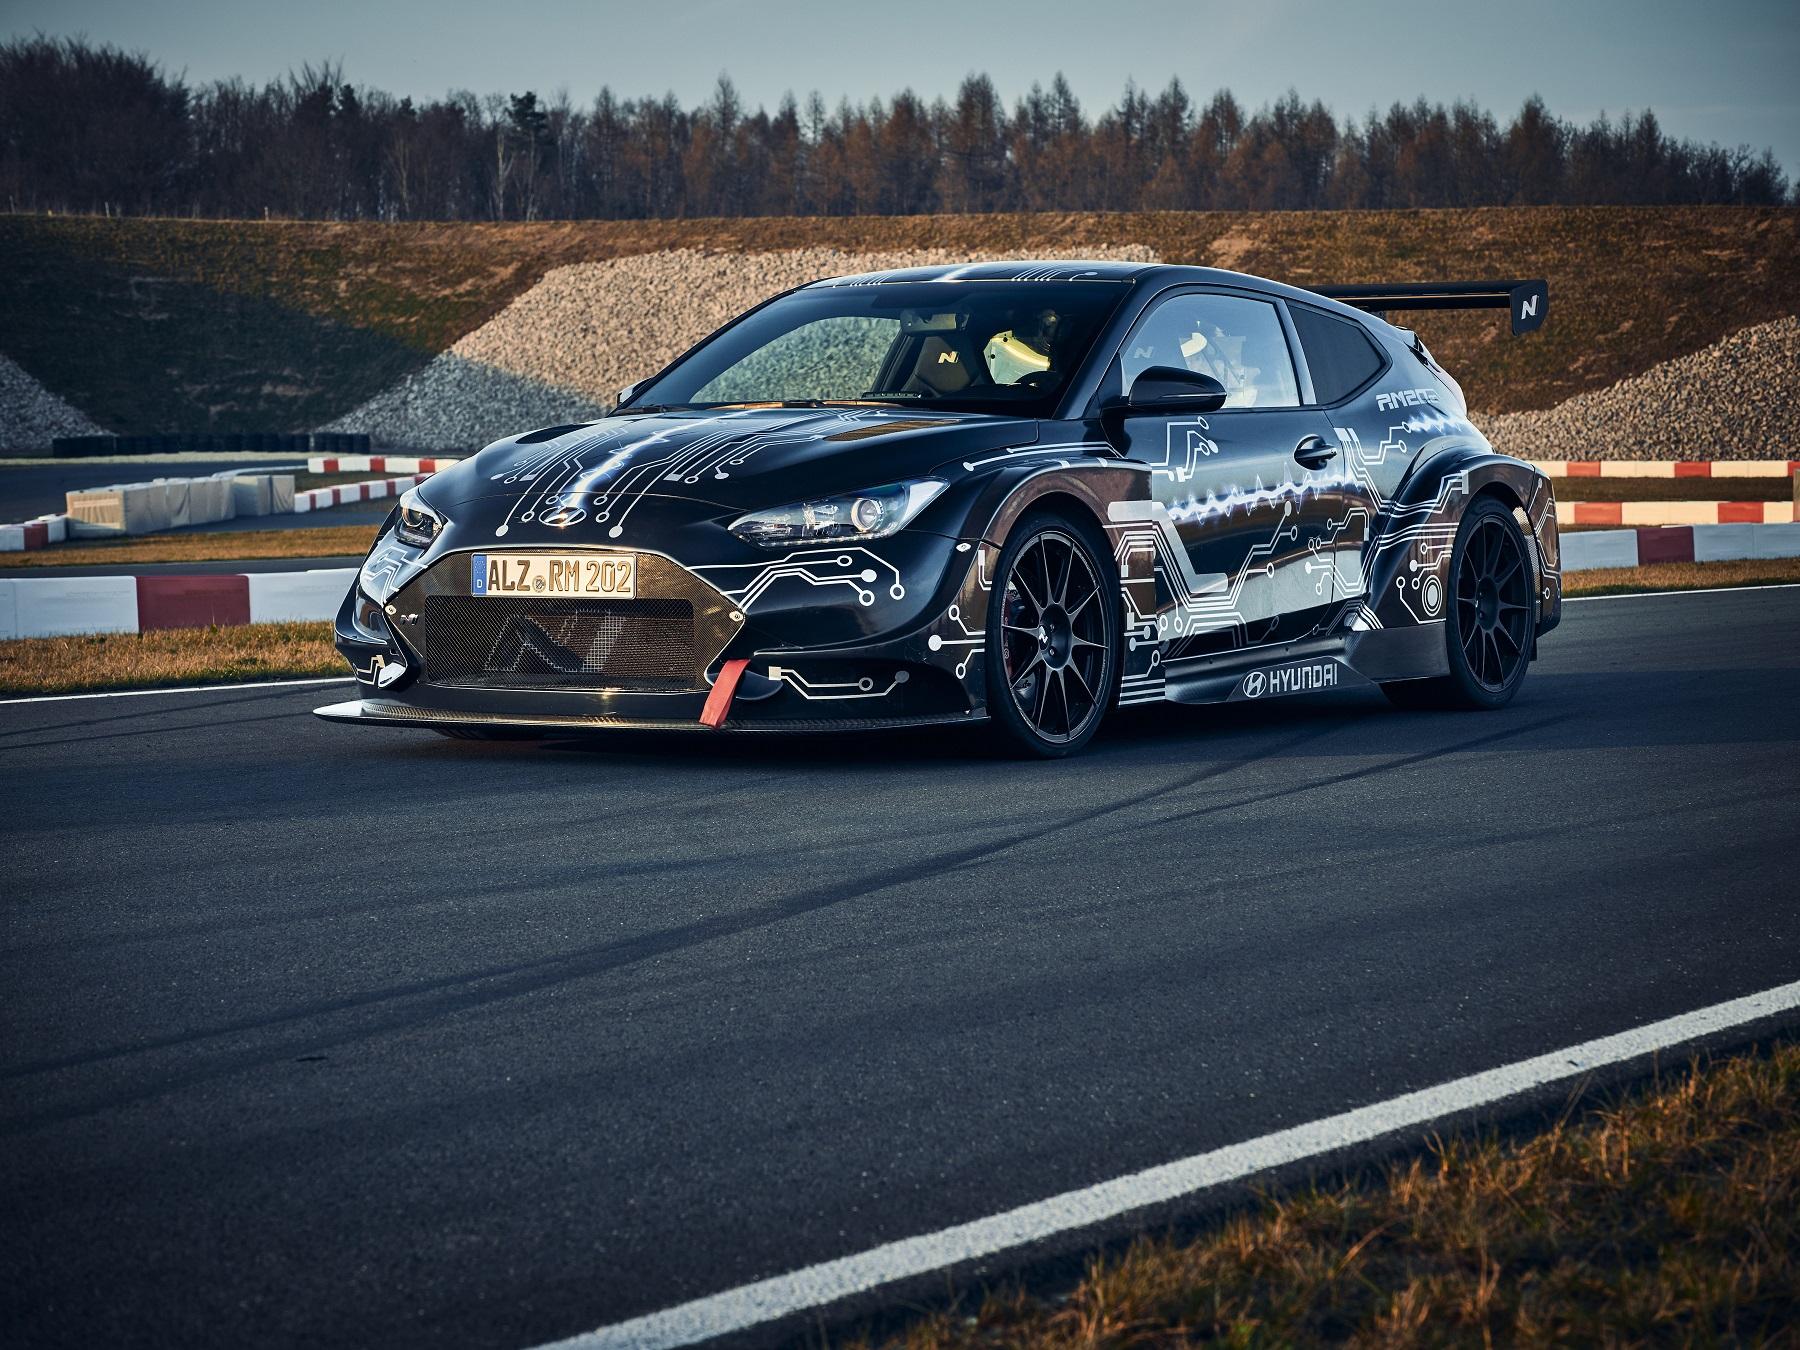 Hyundai N má elektrickú budúcnosť. Predznamenáva ju špeciál RM20e NMdO1IyL55 hyundai-rm20e-racing-mi